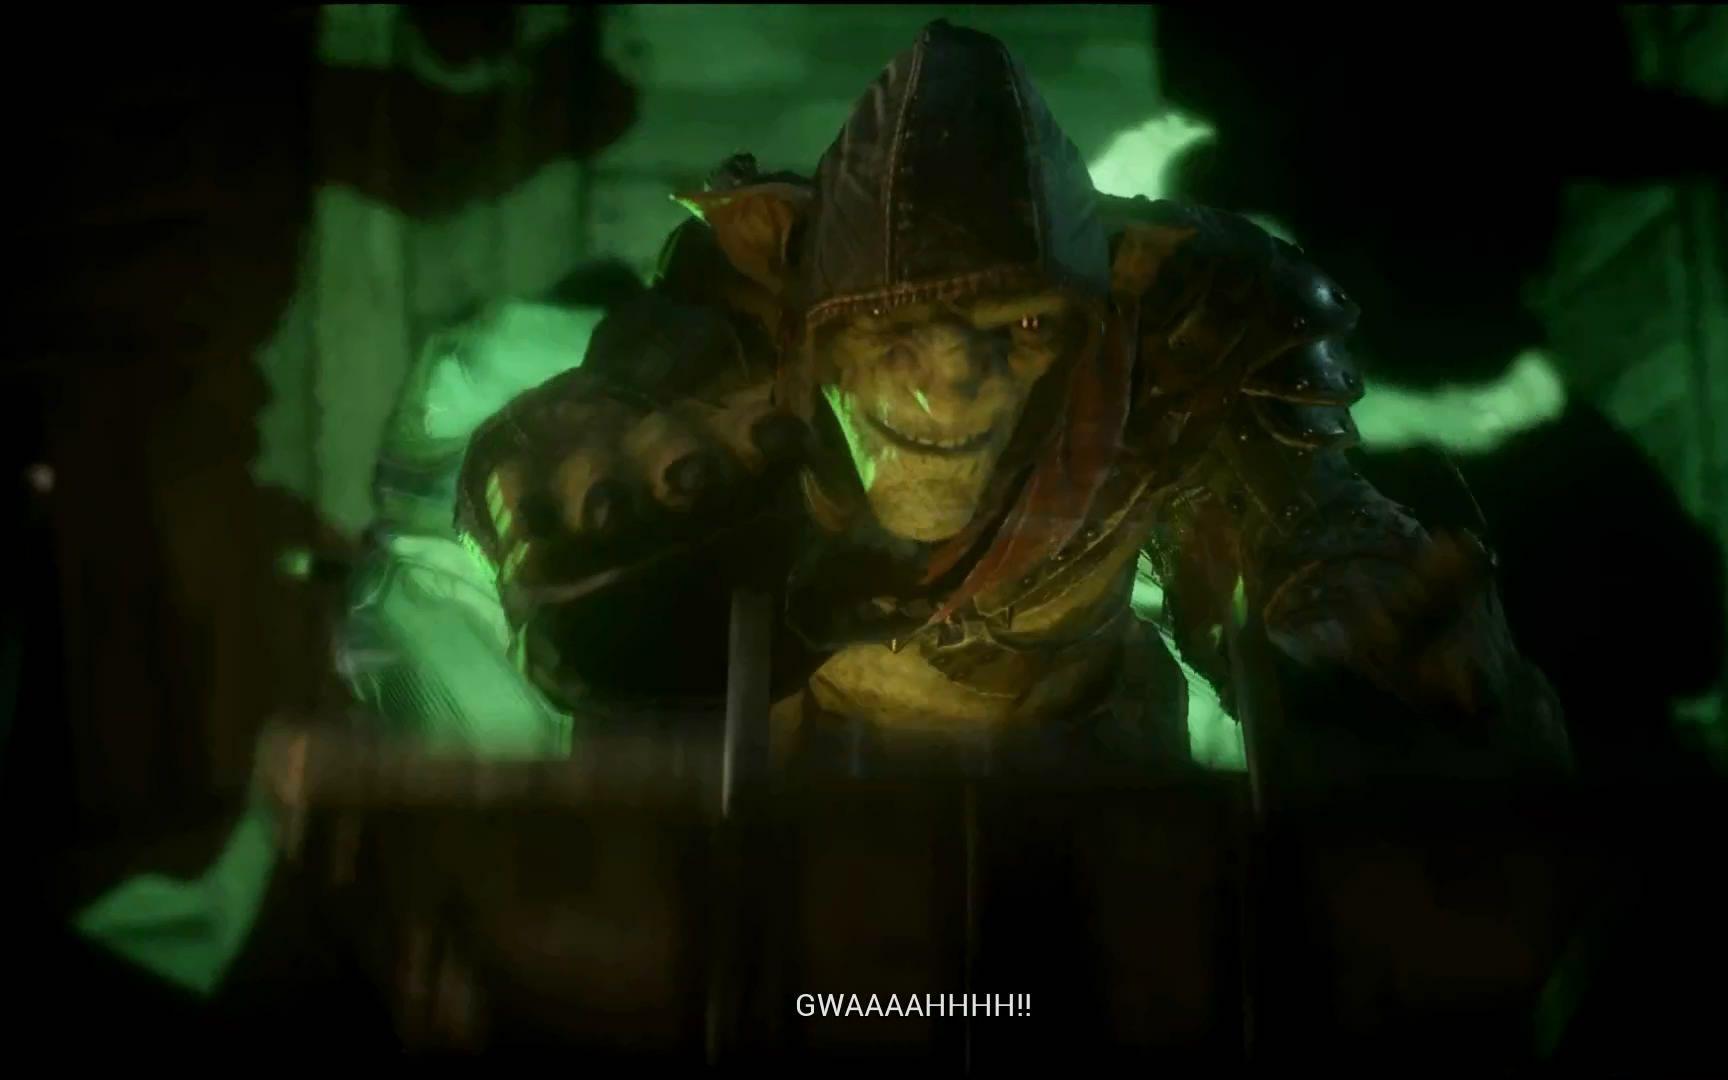 【黑黑试玩】《冥河:黑暗碎片》刁钻古怪!哥布林刺客大师驾到